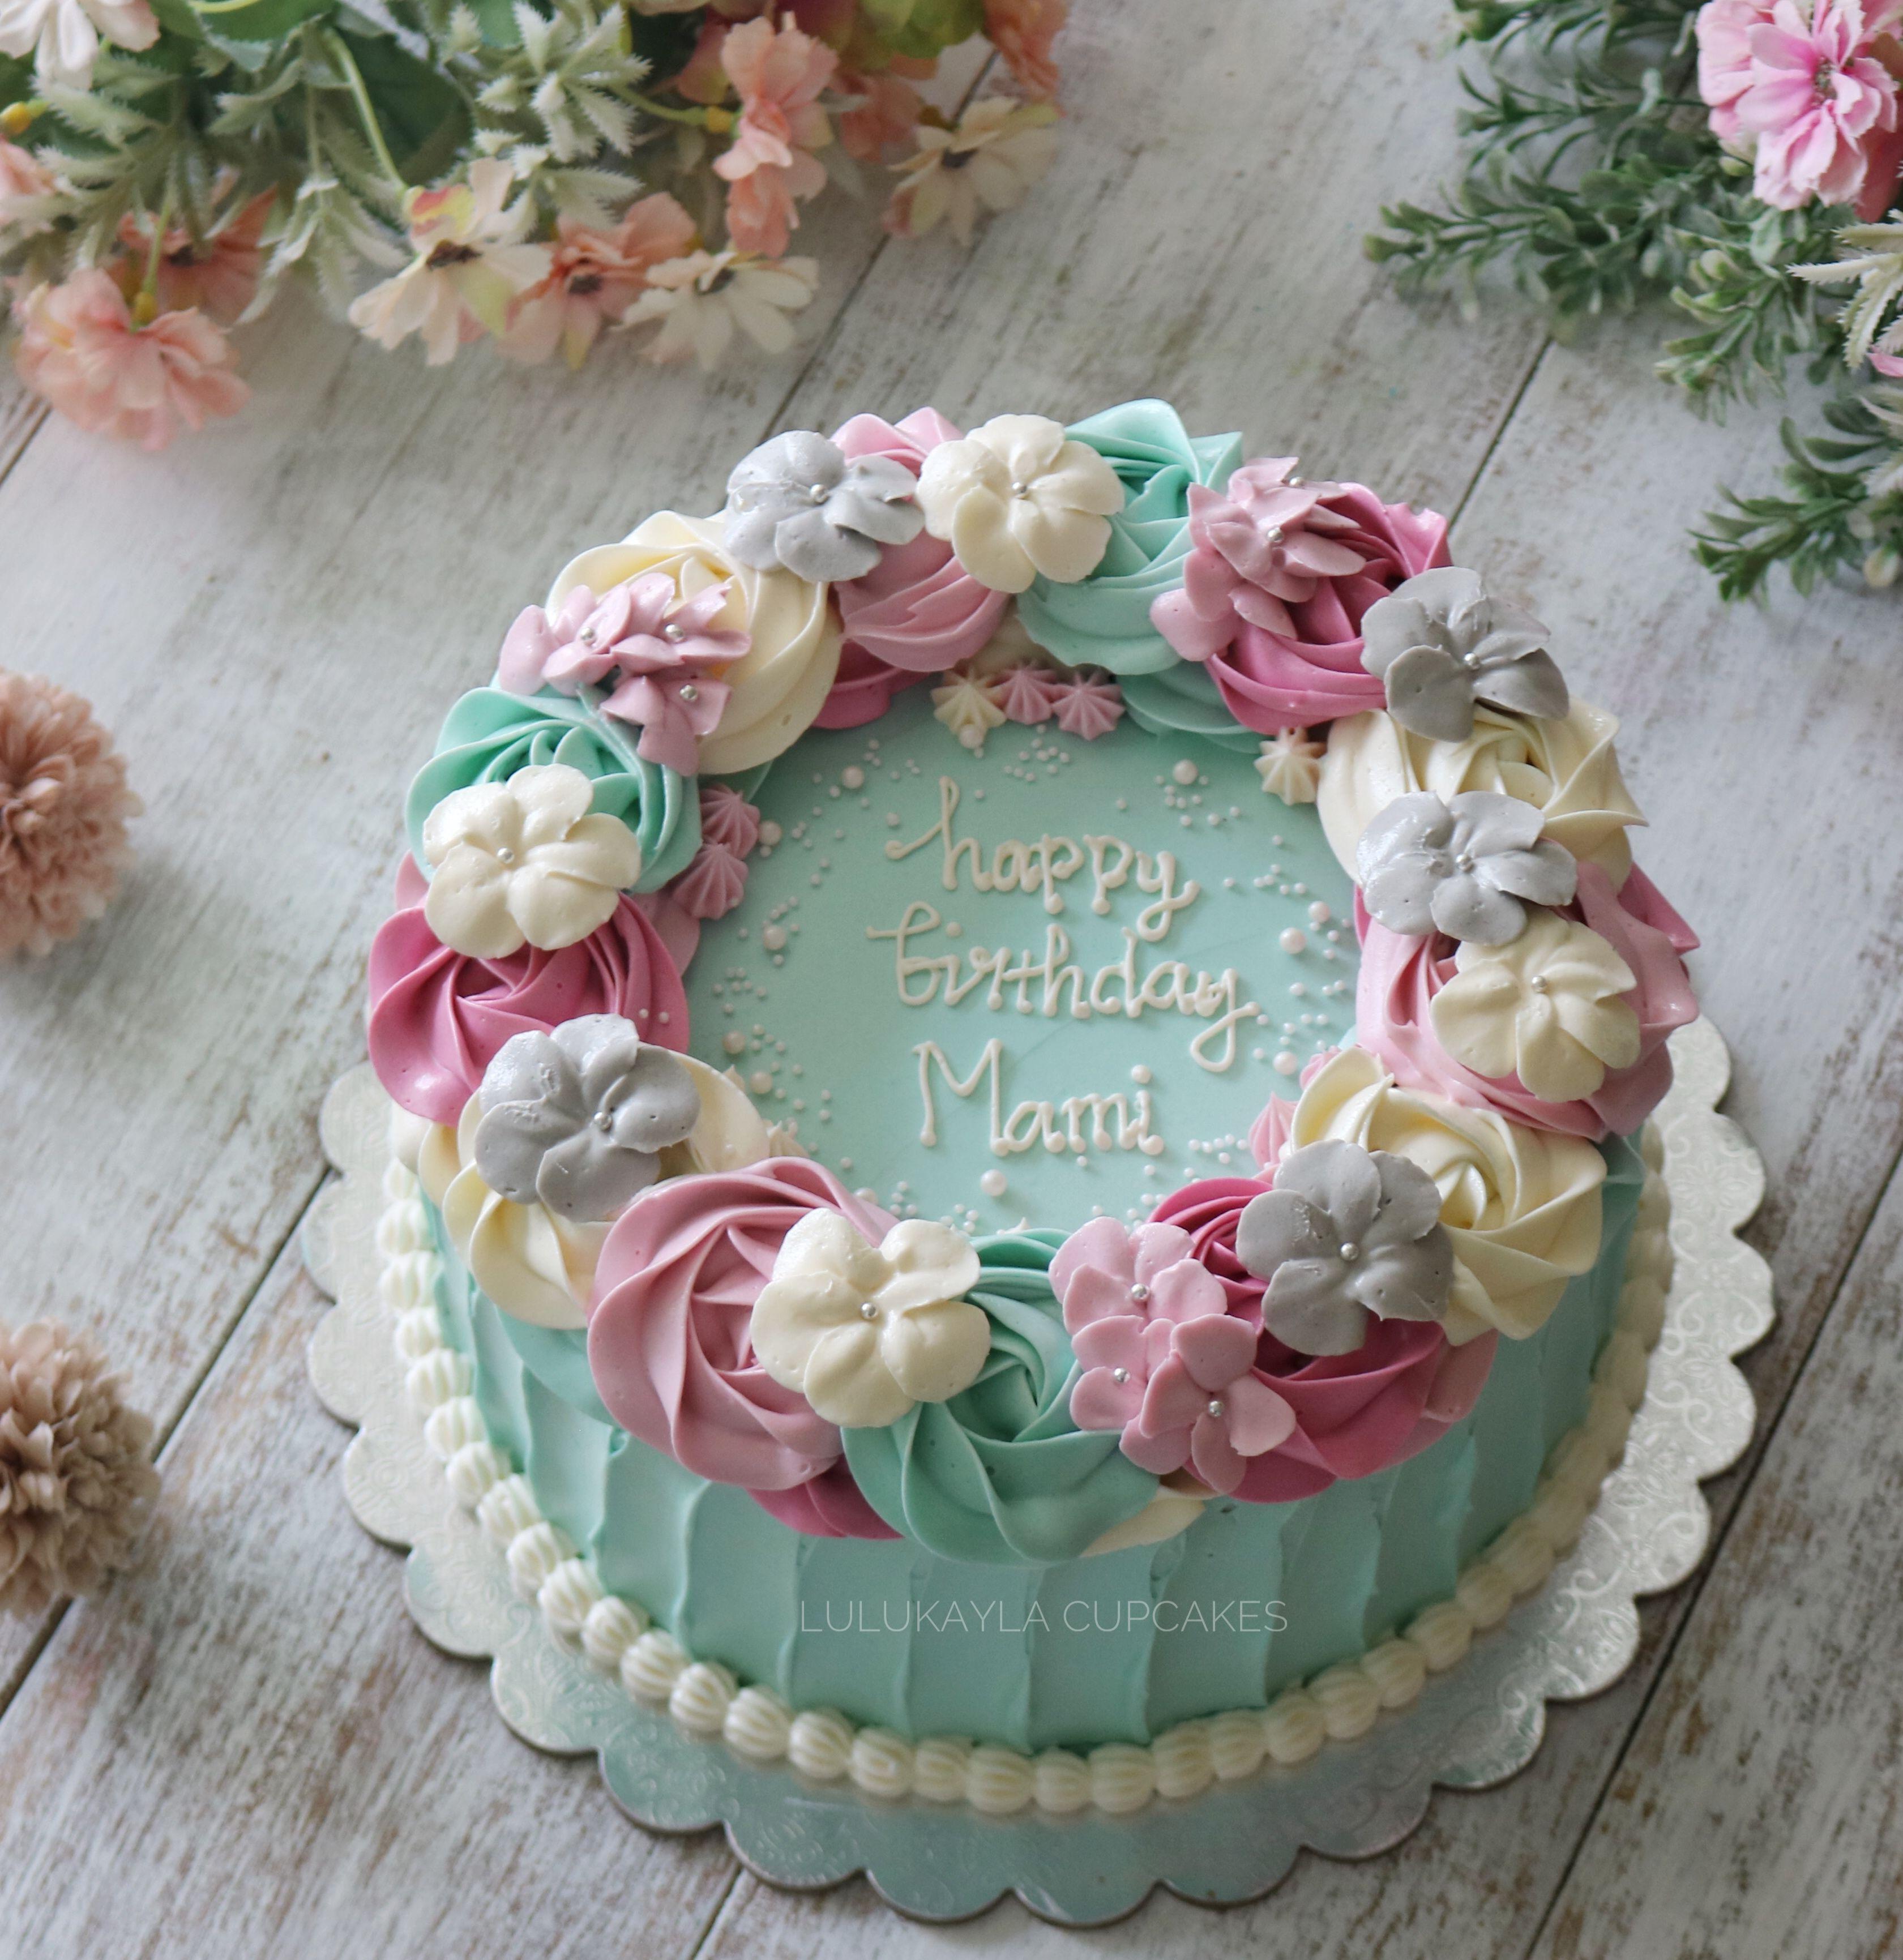 Flower Buttercream Cake Buttercream Cake Designs Cake Decorating Icing Buttercream Birthday Cake